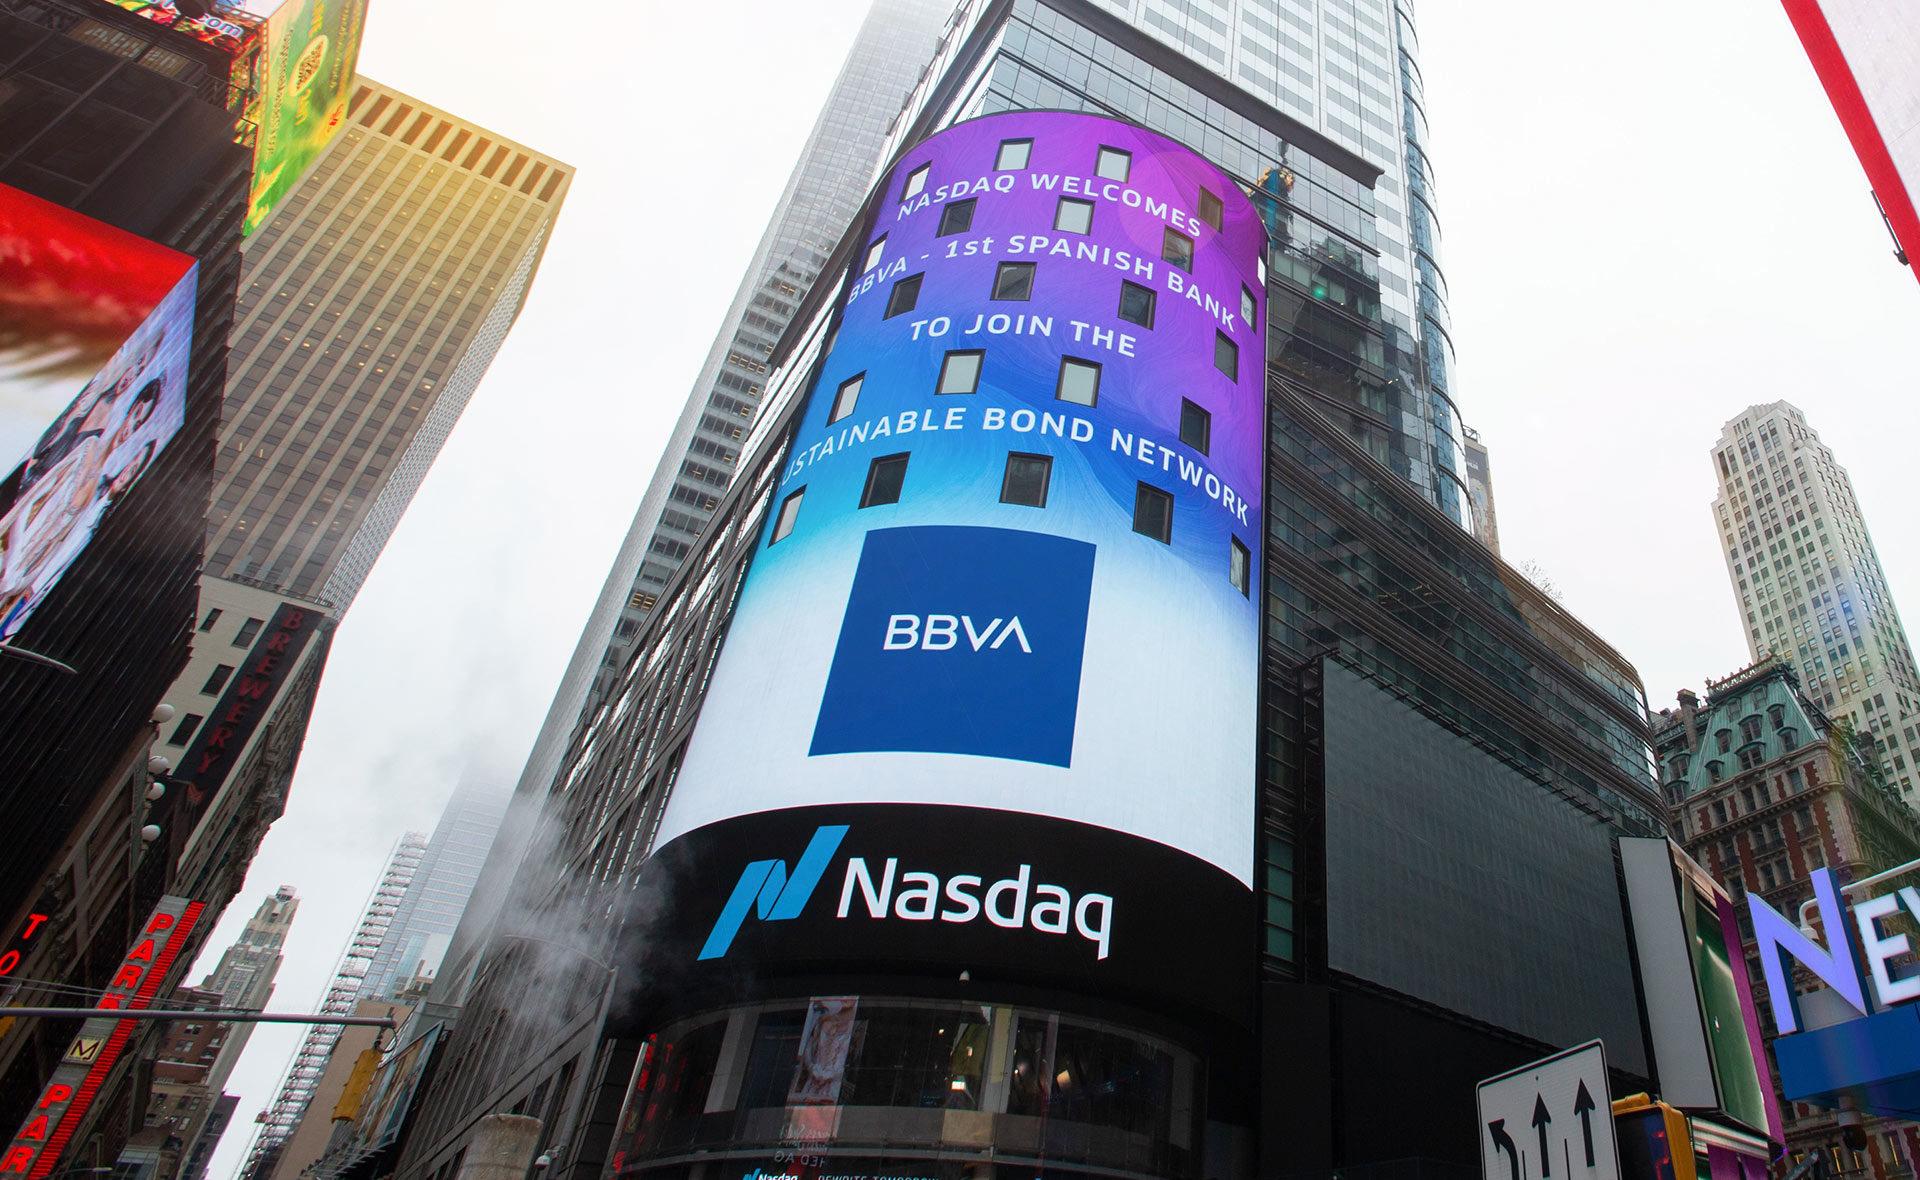 nasdaq-bbva-logo-times-square